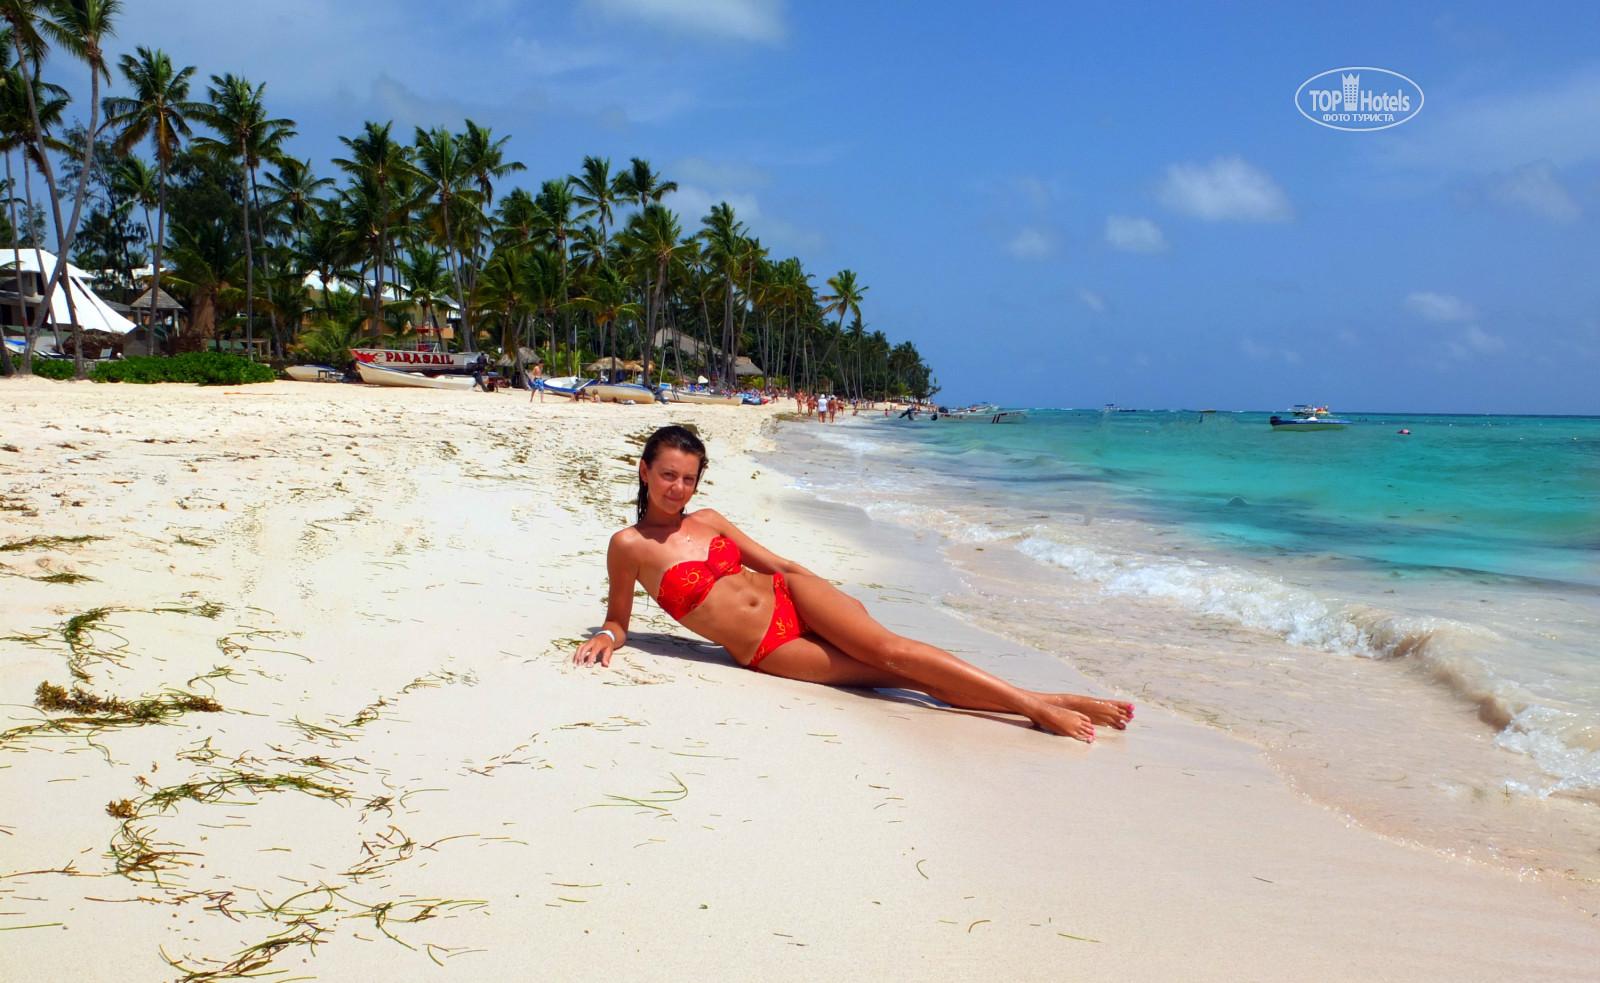 Доминикана отдых на пляже фото